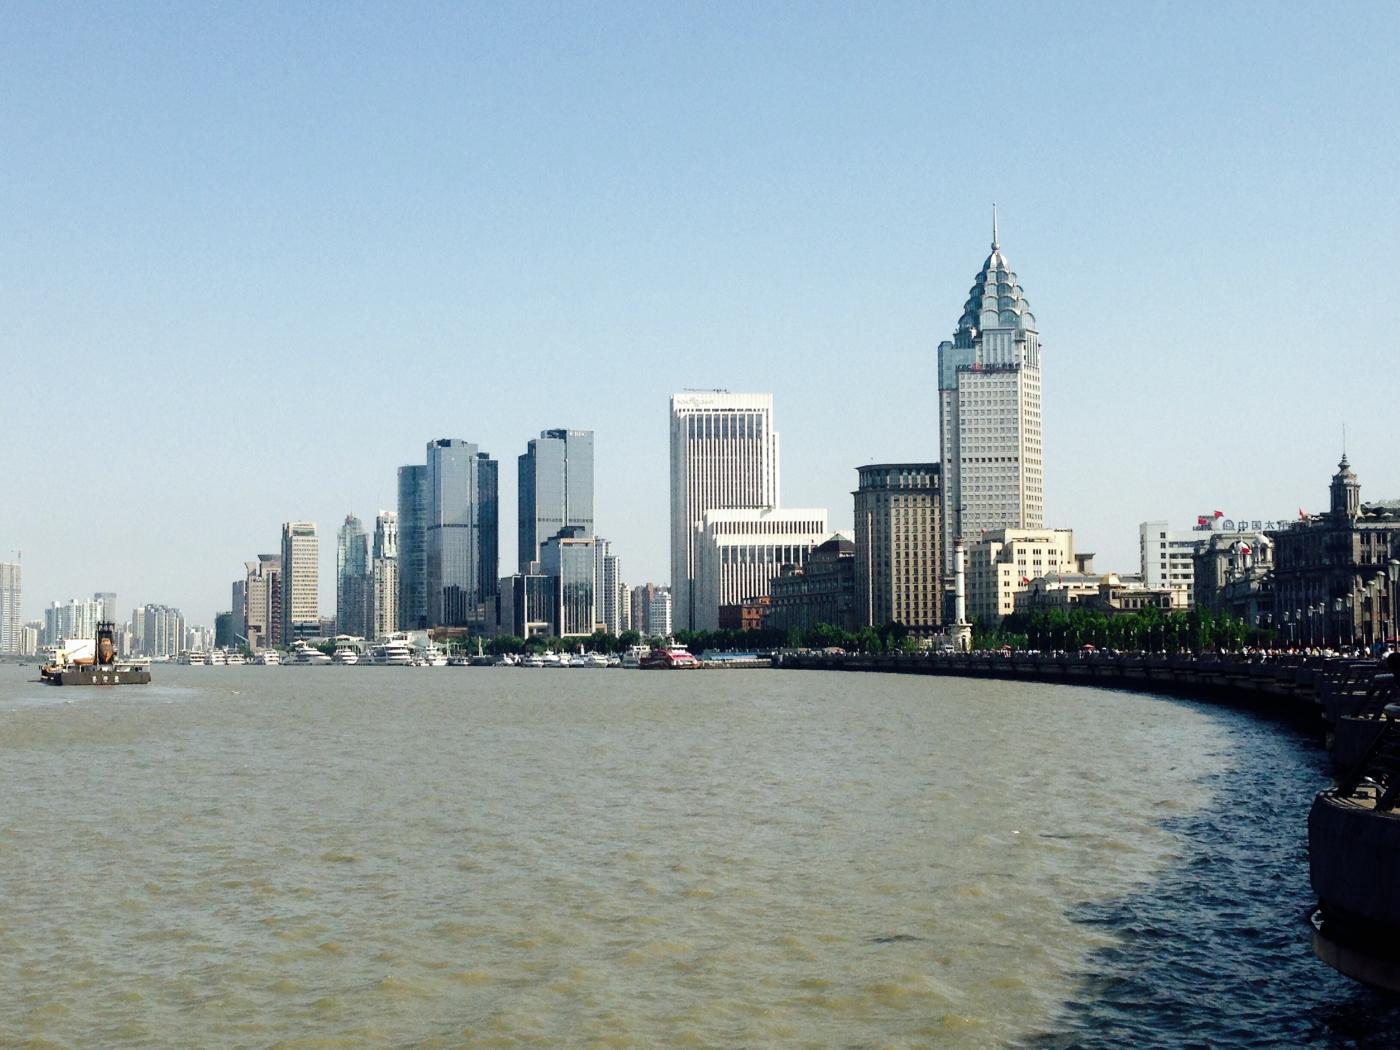 闲逛上海看街景_图1-23